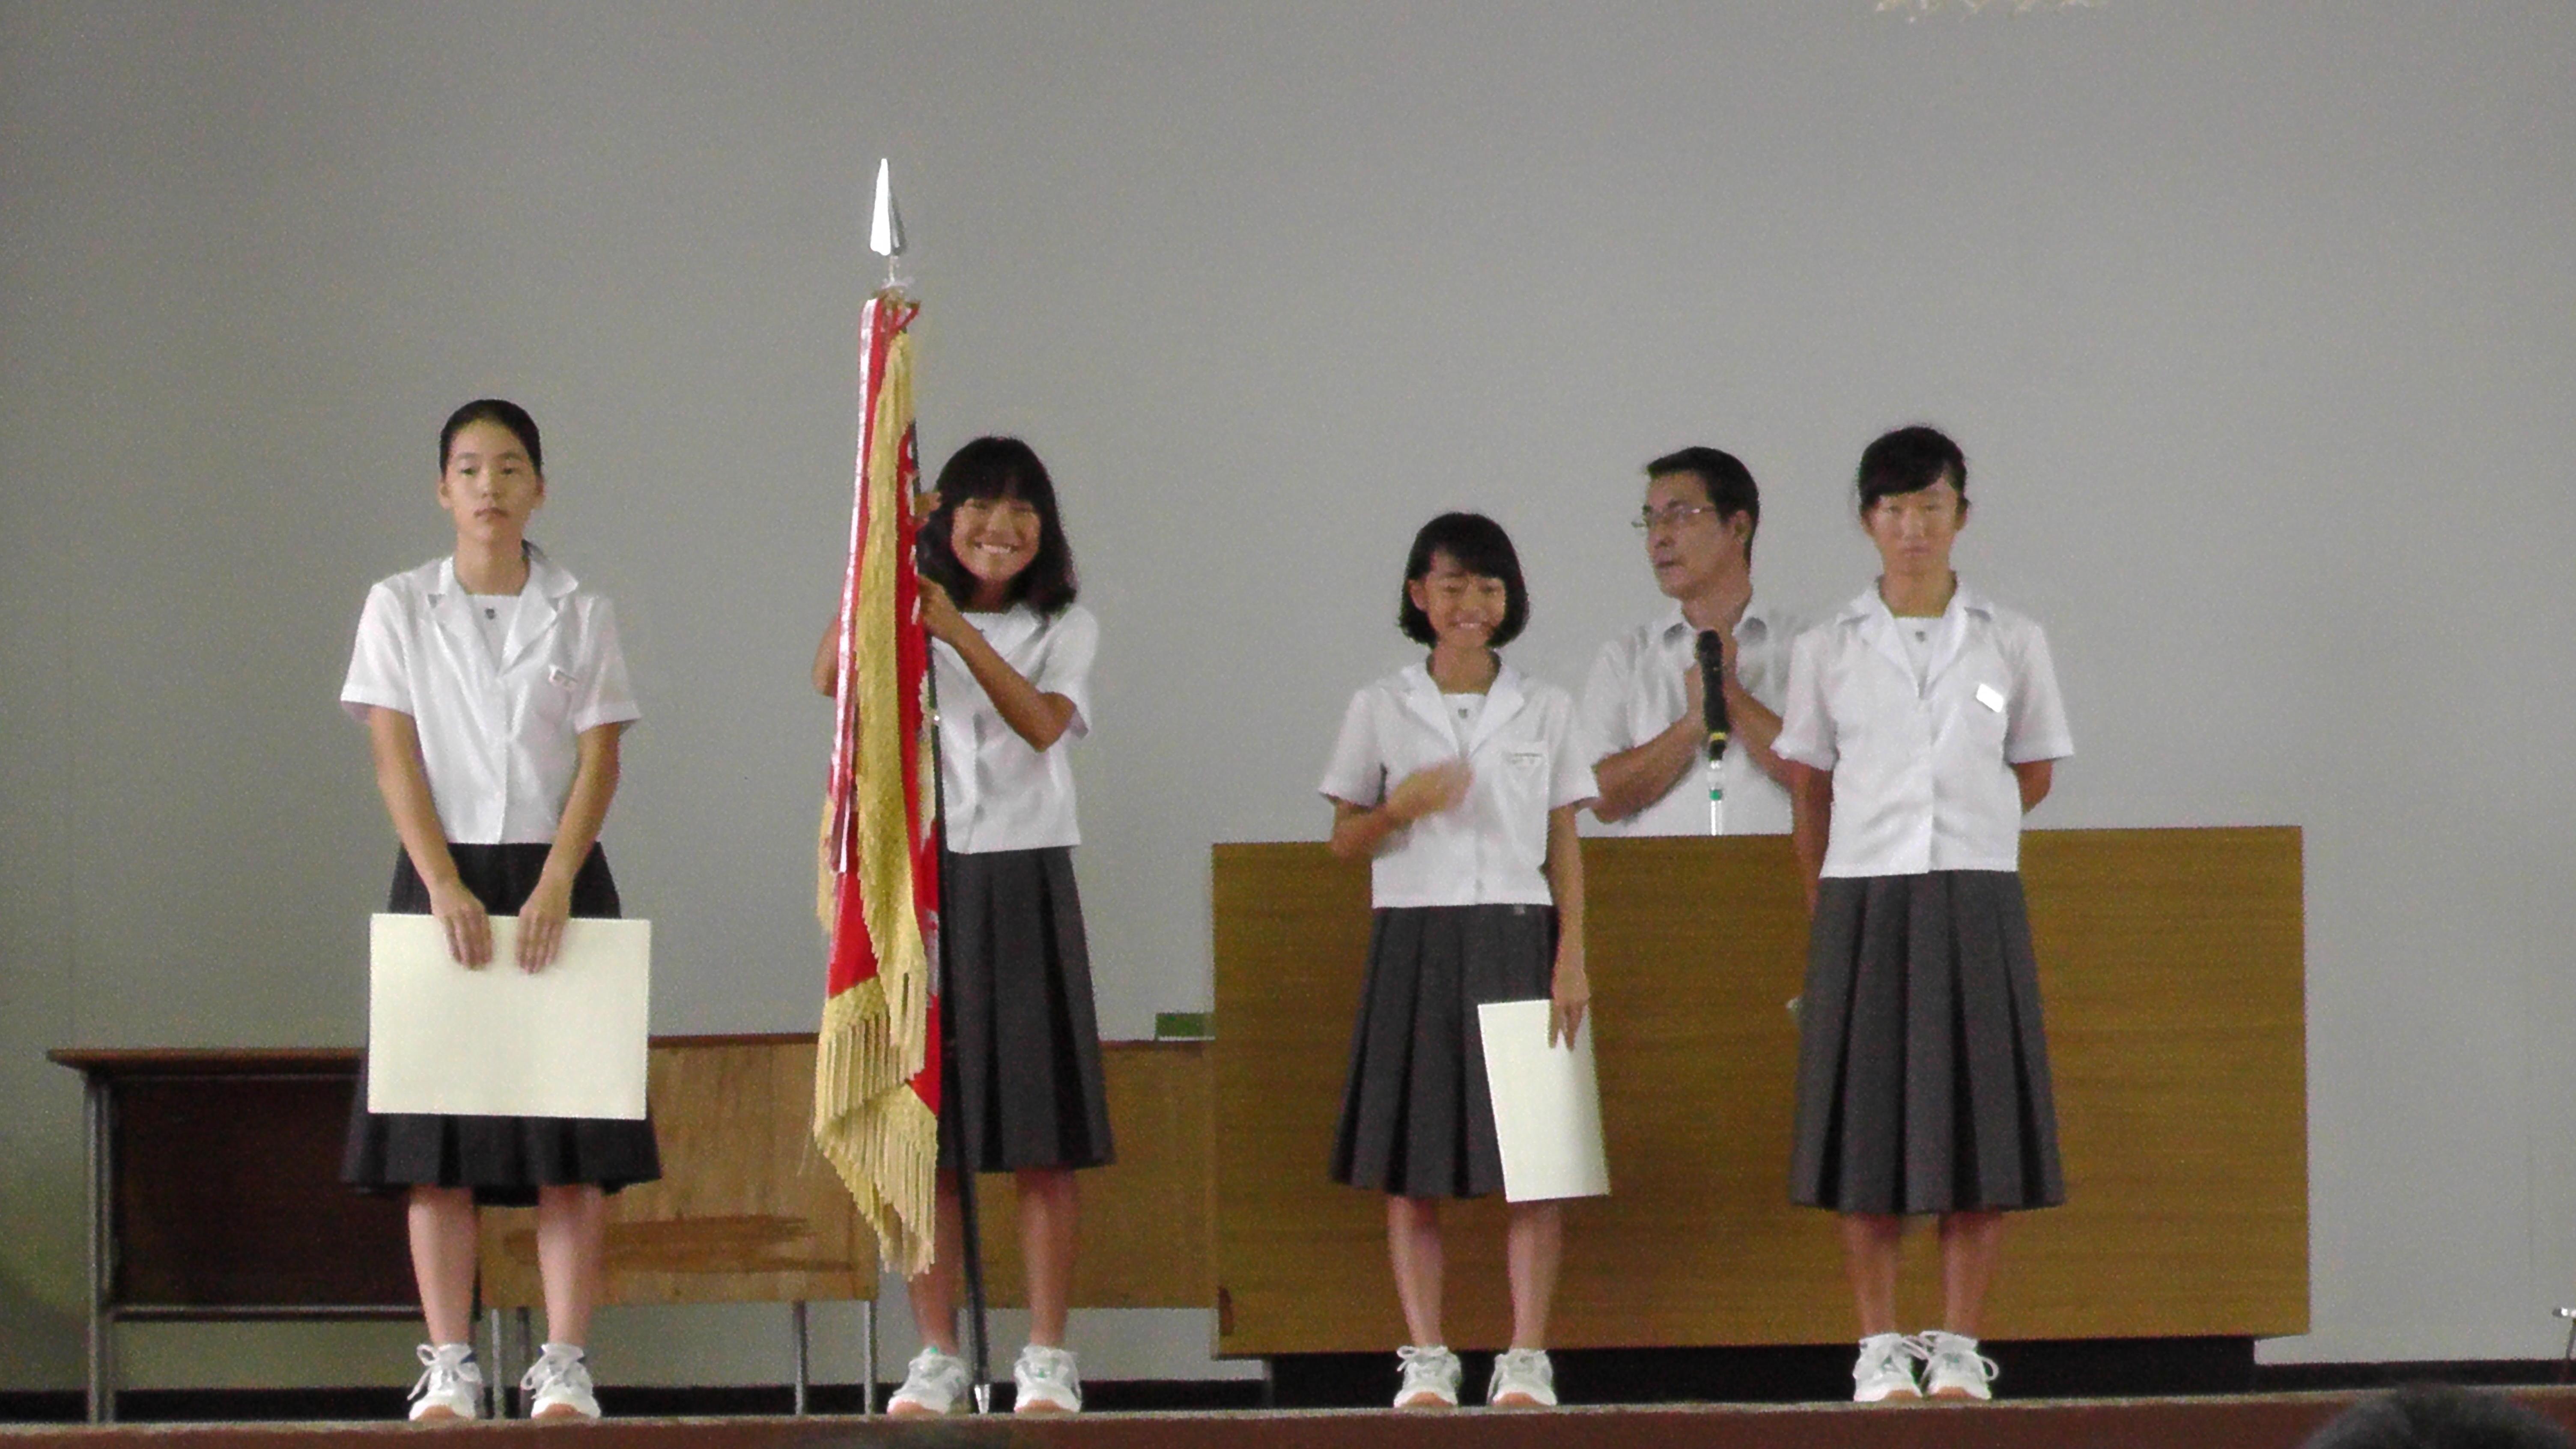 三重大学 教育学部附属中学校